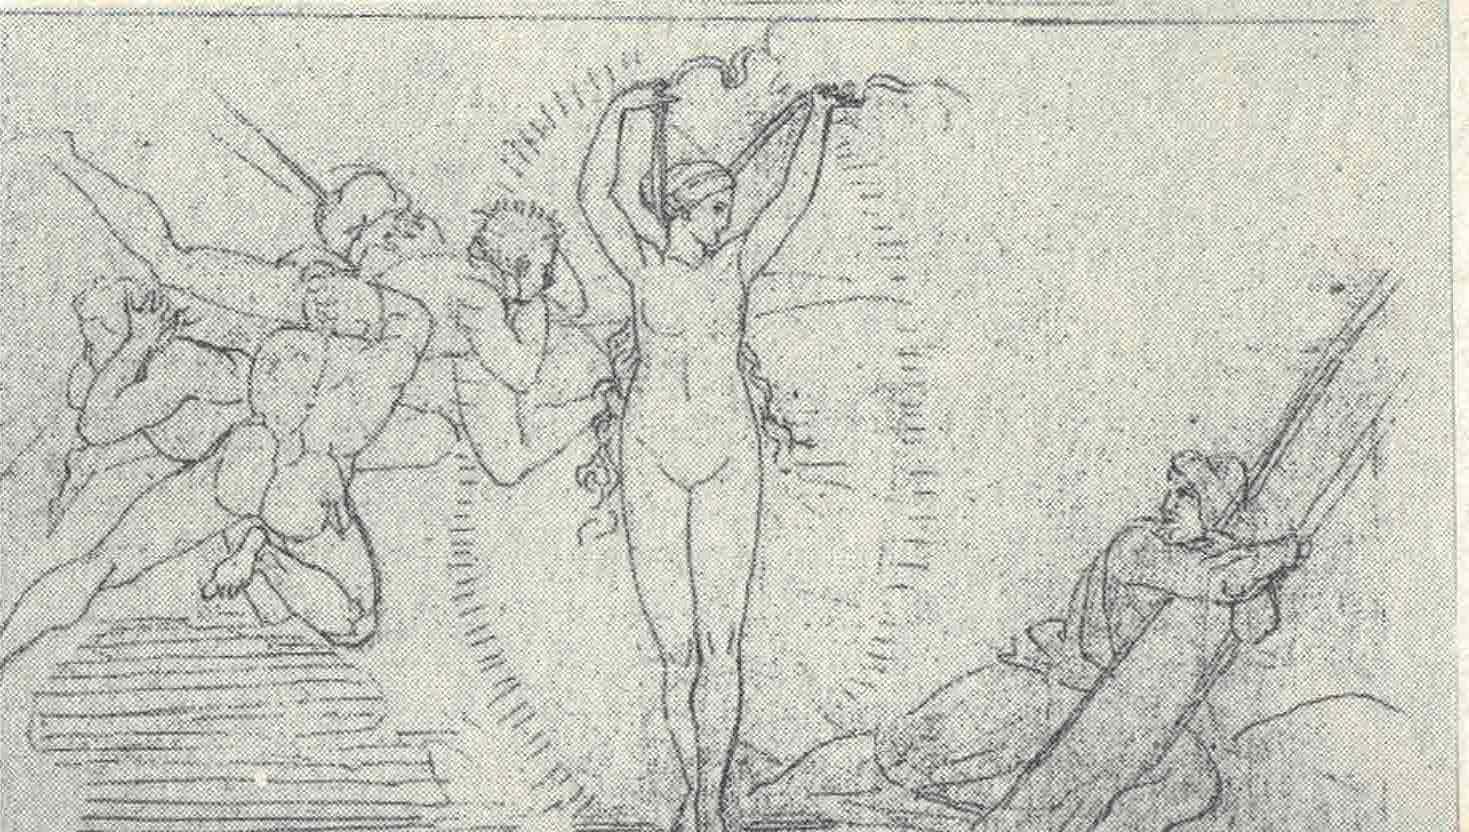 Figura 6 - John Flaxman. Leucotéia socorre Ulisses. Londres, Royal Academy